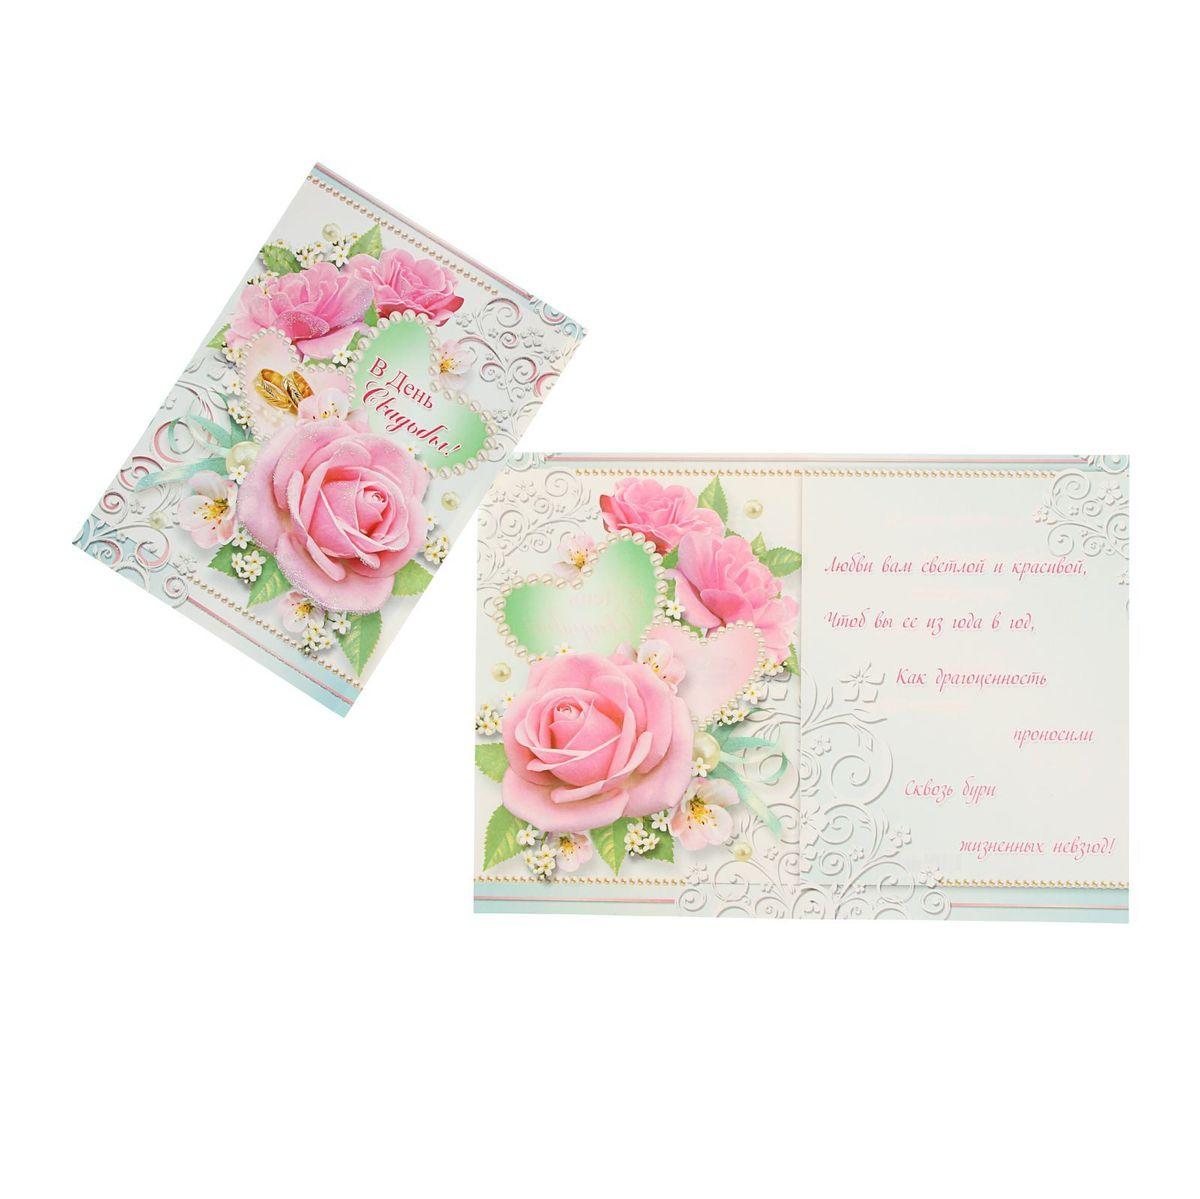 Открытка Sima-land В день свадьбы! Розы1351157Если вы хотите порадовать себя или близких, создать праздничное настроение и с улыбкой провести памятный день, то вы, несомненно, сделали правильный выбор! Открытка Sima-land В день свадьбы! Розы, выполненная из плотной бумаги, отличается не только оригинальным дизайном, но и высоким качеством. Лицевая сторона изделия оформлена ярким изображением. Внутри открытка содержит текст с поздравлением. Такая открытка непременно порадует получателя и станет отличным напоминанием о проведенном вместе времени. Формат открытки: А4. Плотность: 250 г/м2.